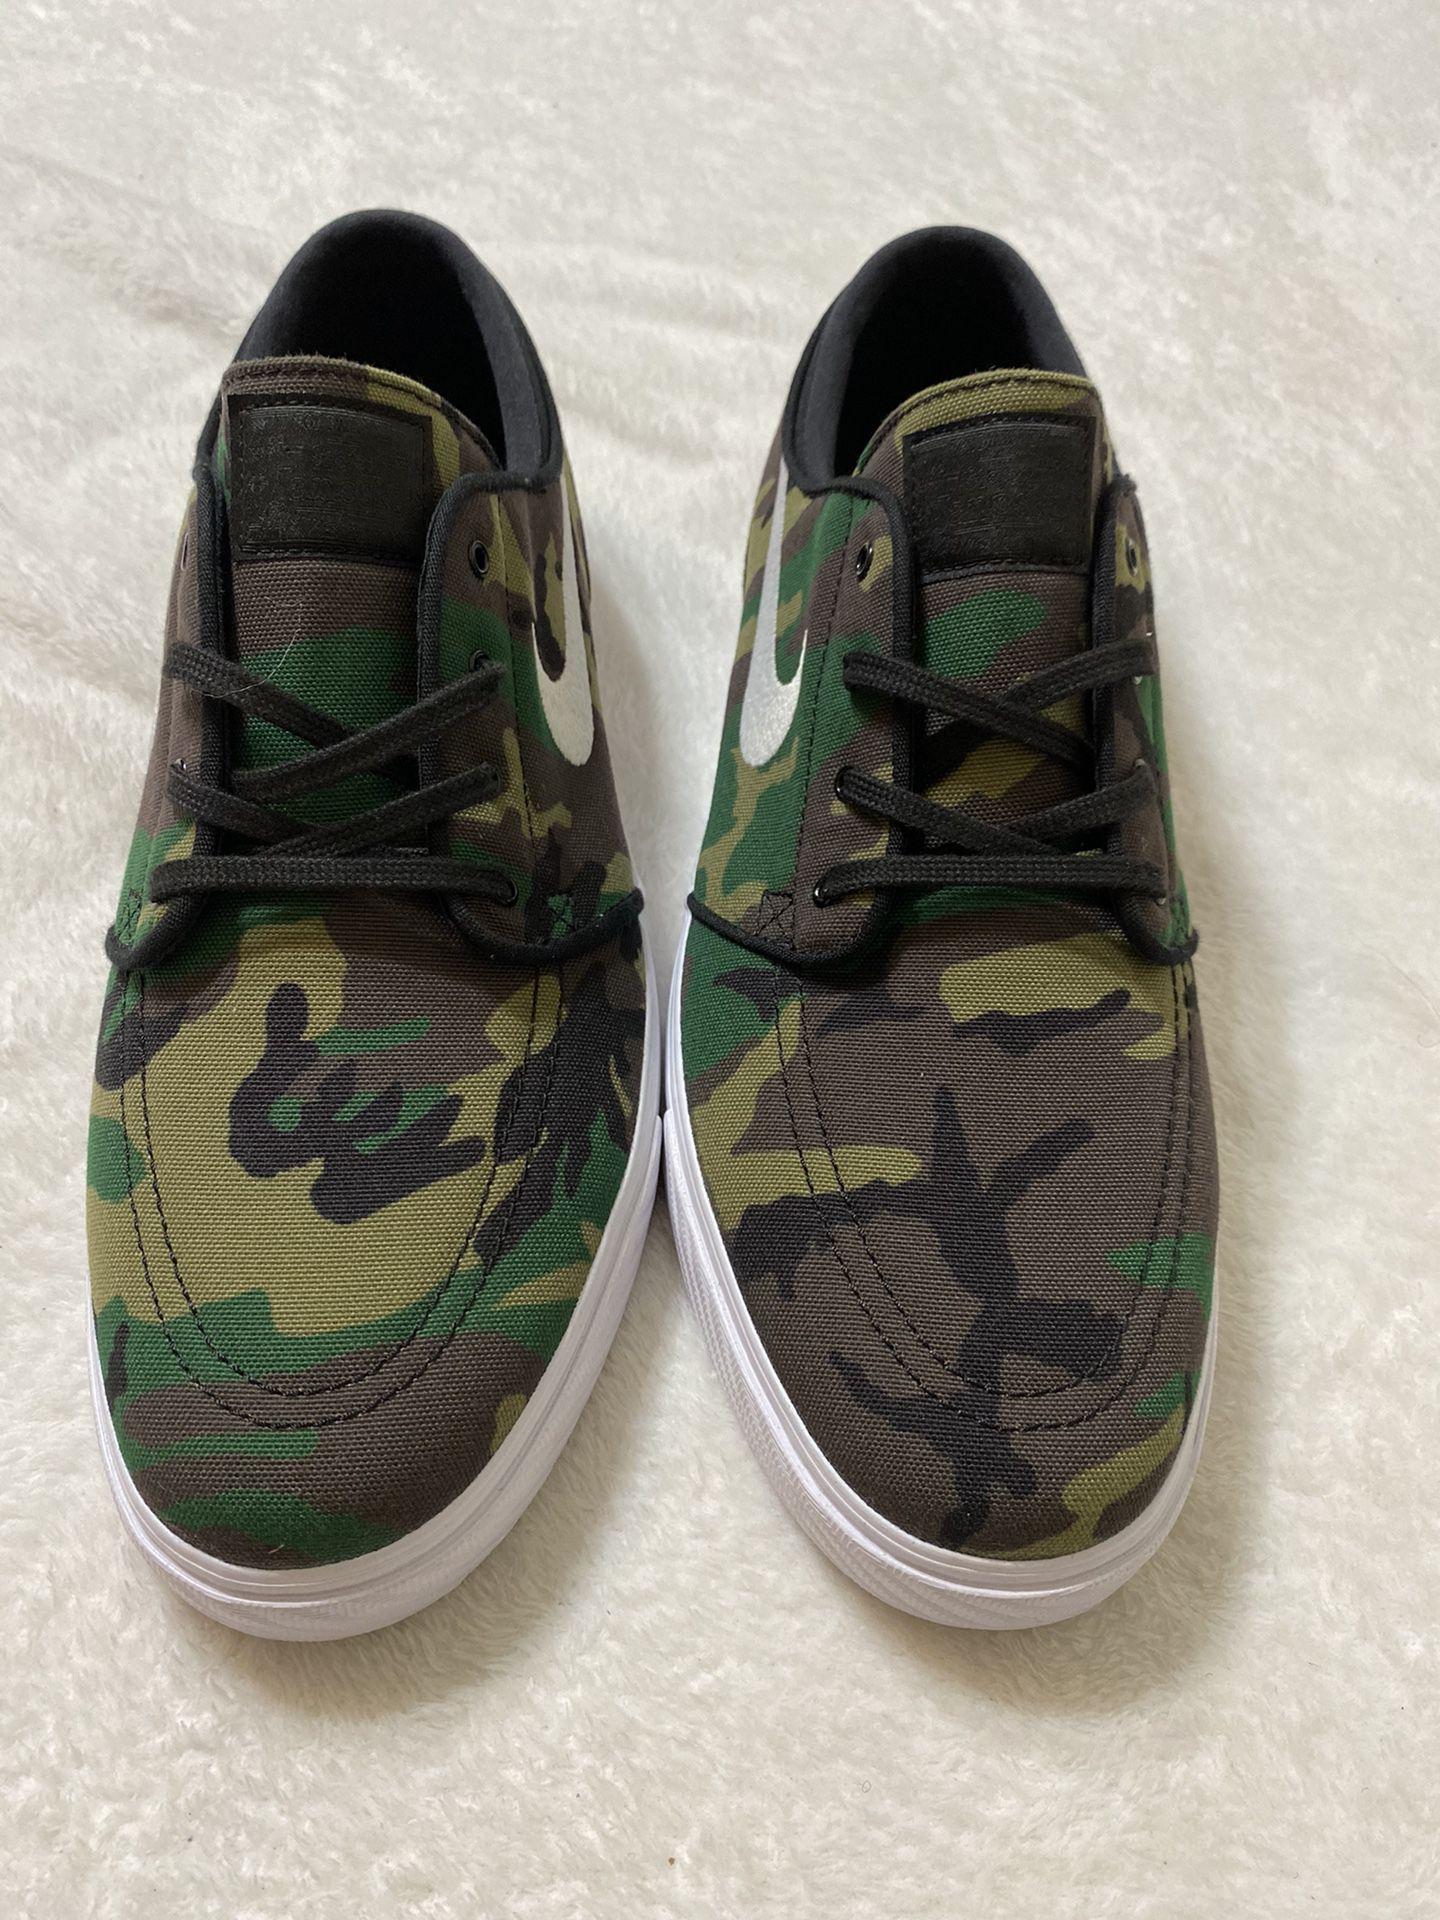 Nike sb zoom Stefan janoski sz 12 men skate shoes